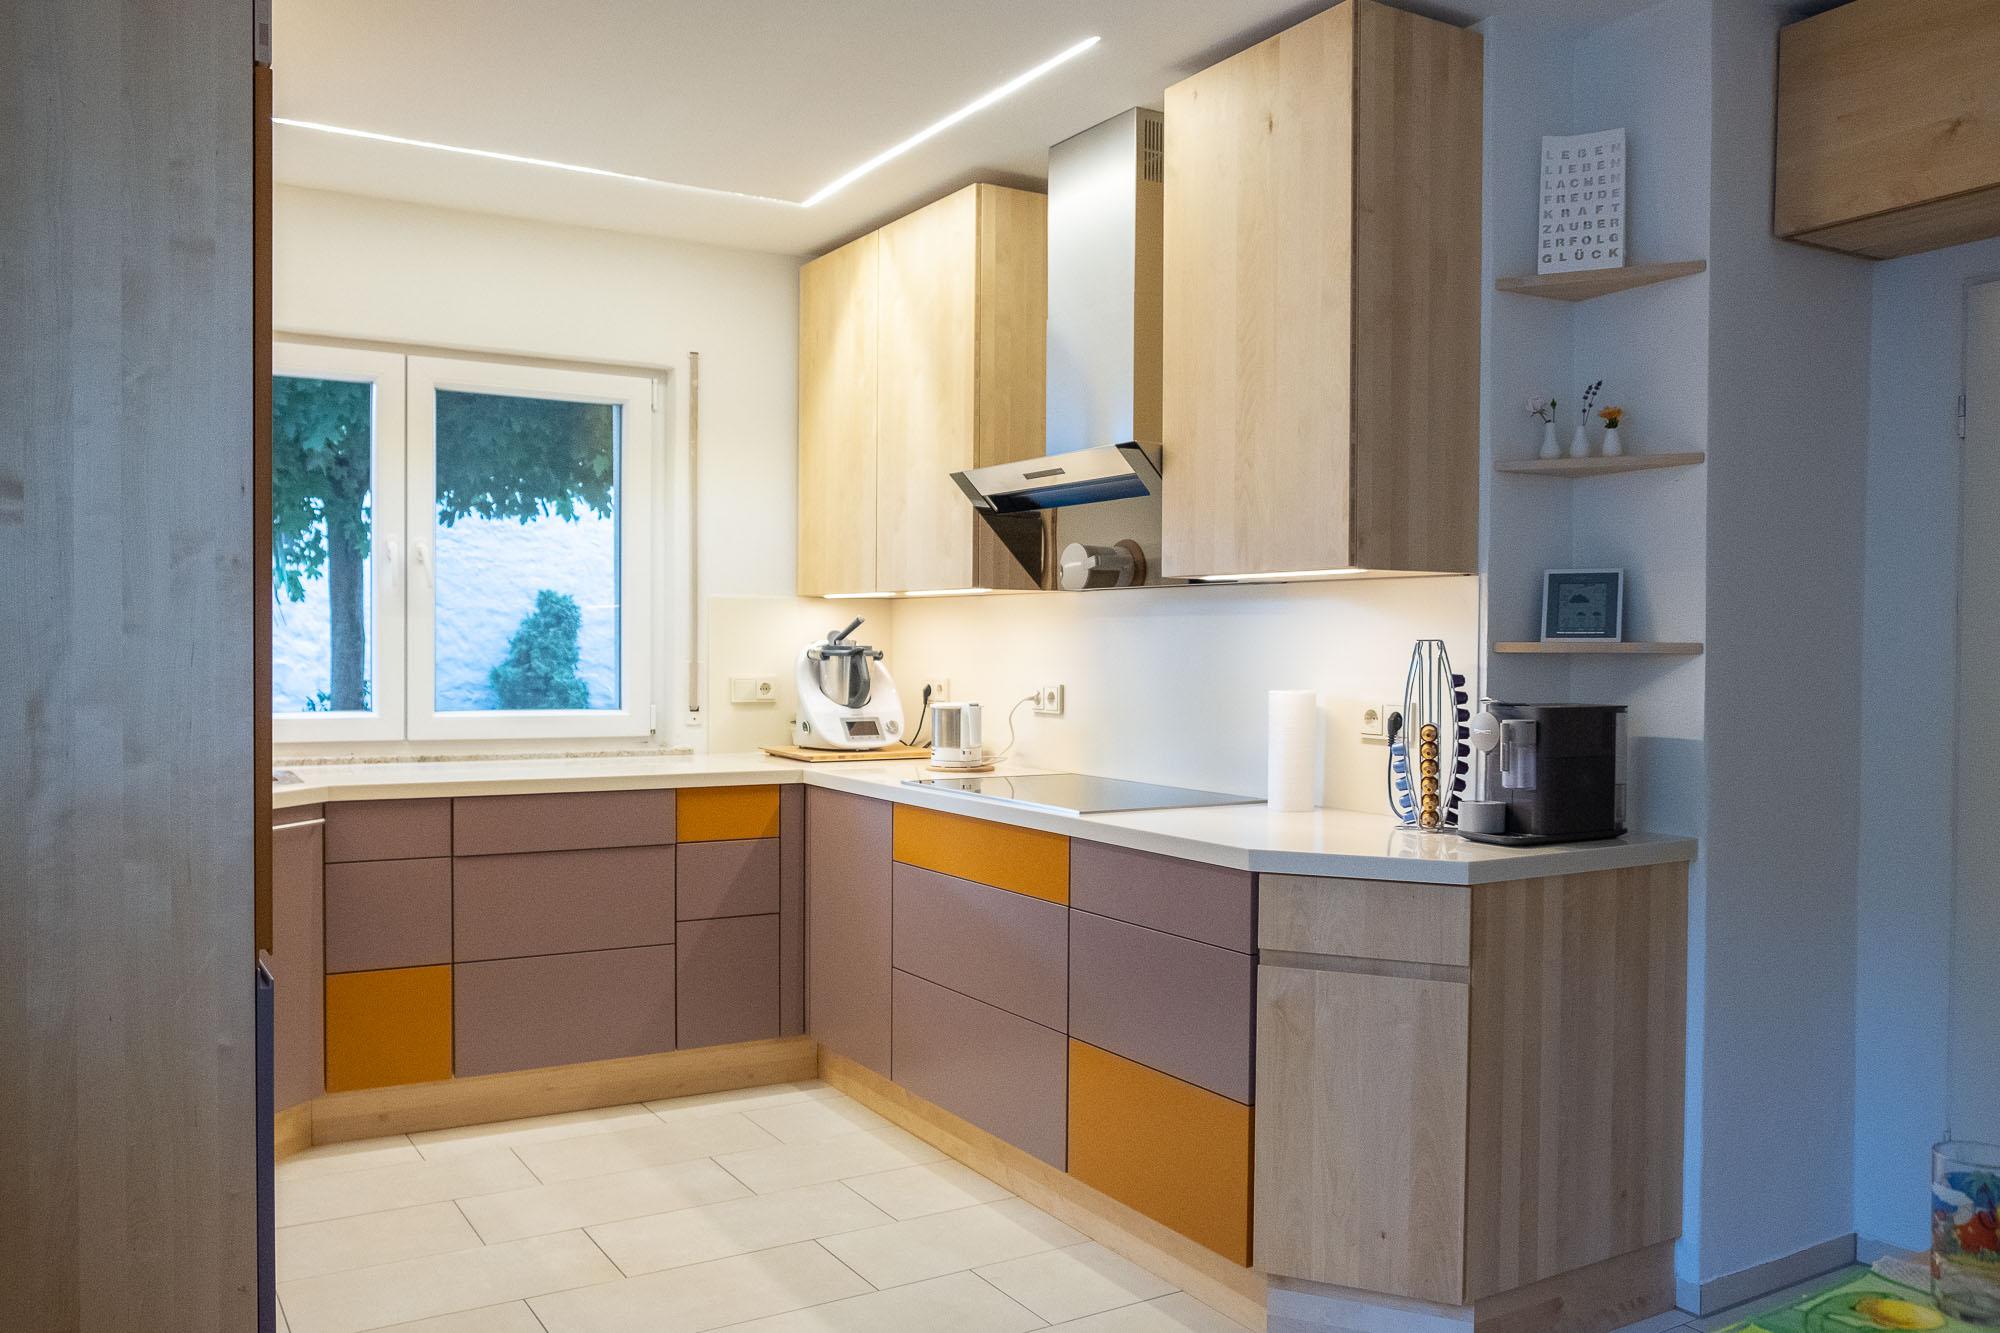 Outdoor Küche Beleuchtung : Outdoor küche trockenbau mischbatterie einbauen küche wandregale